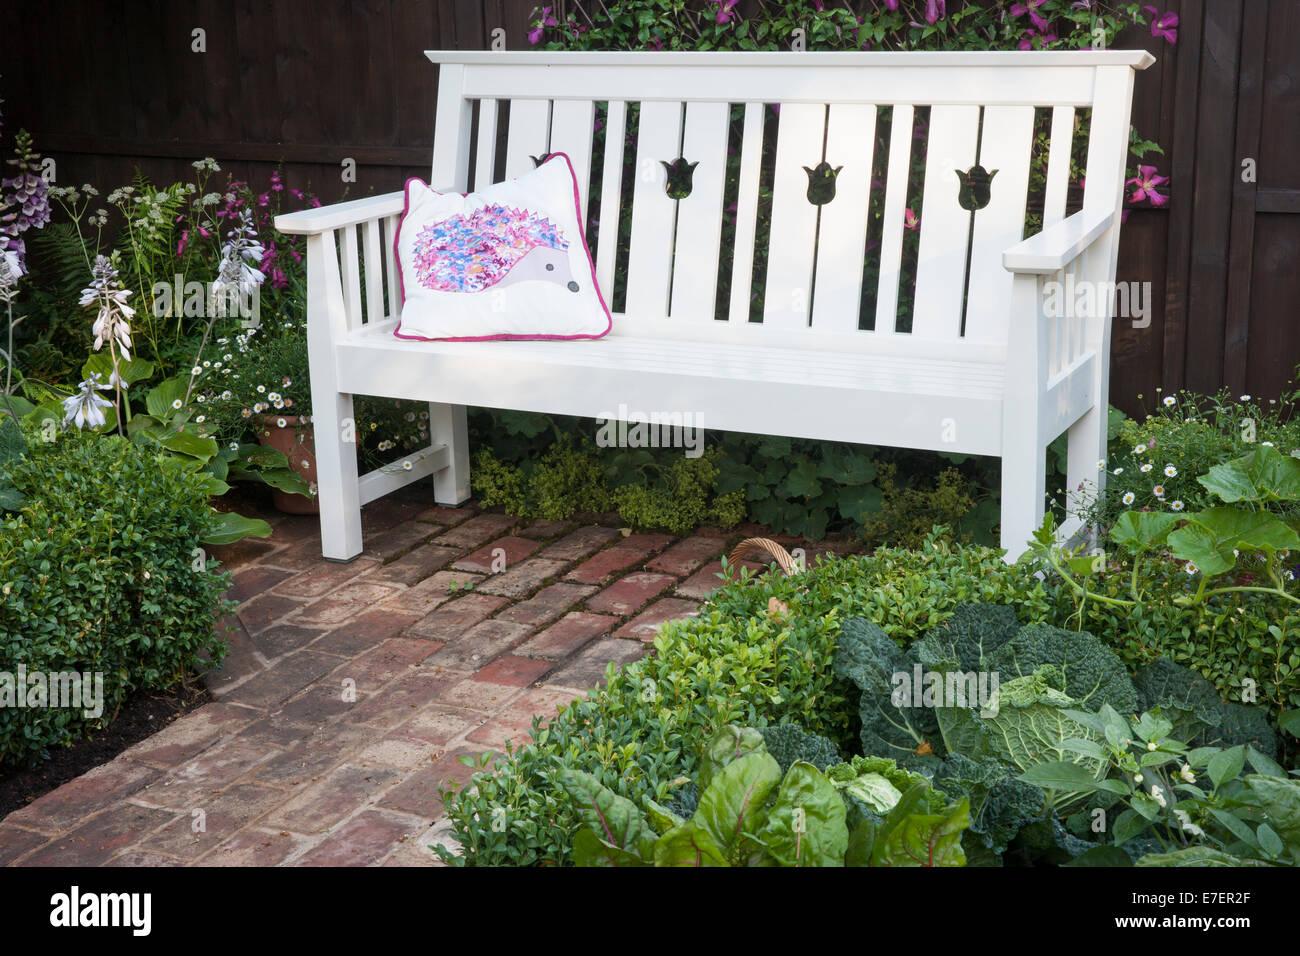 Giardino giardino hedgehog vista della panchina da giardino